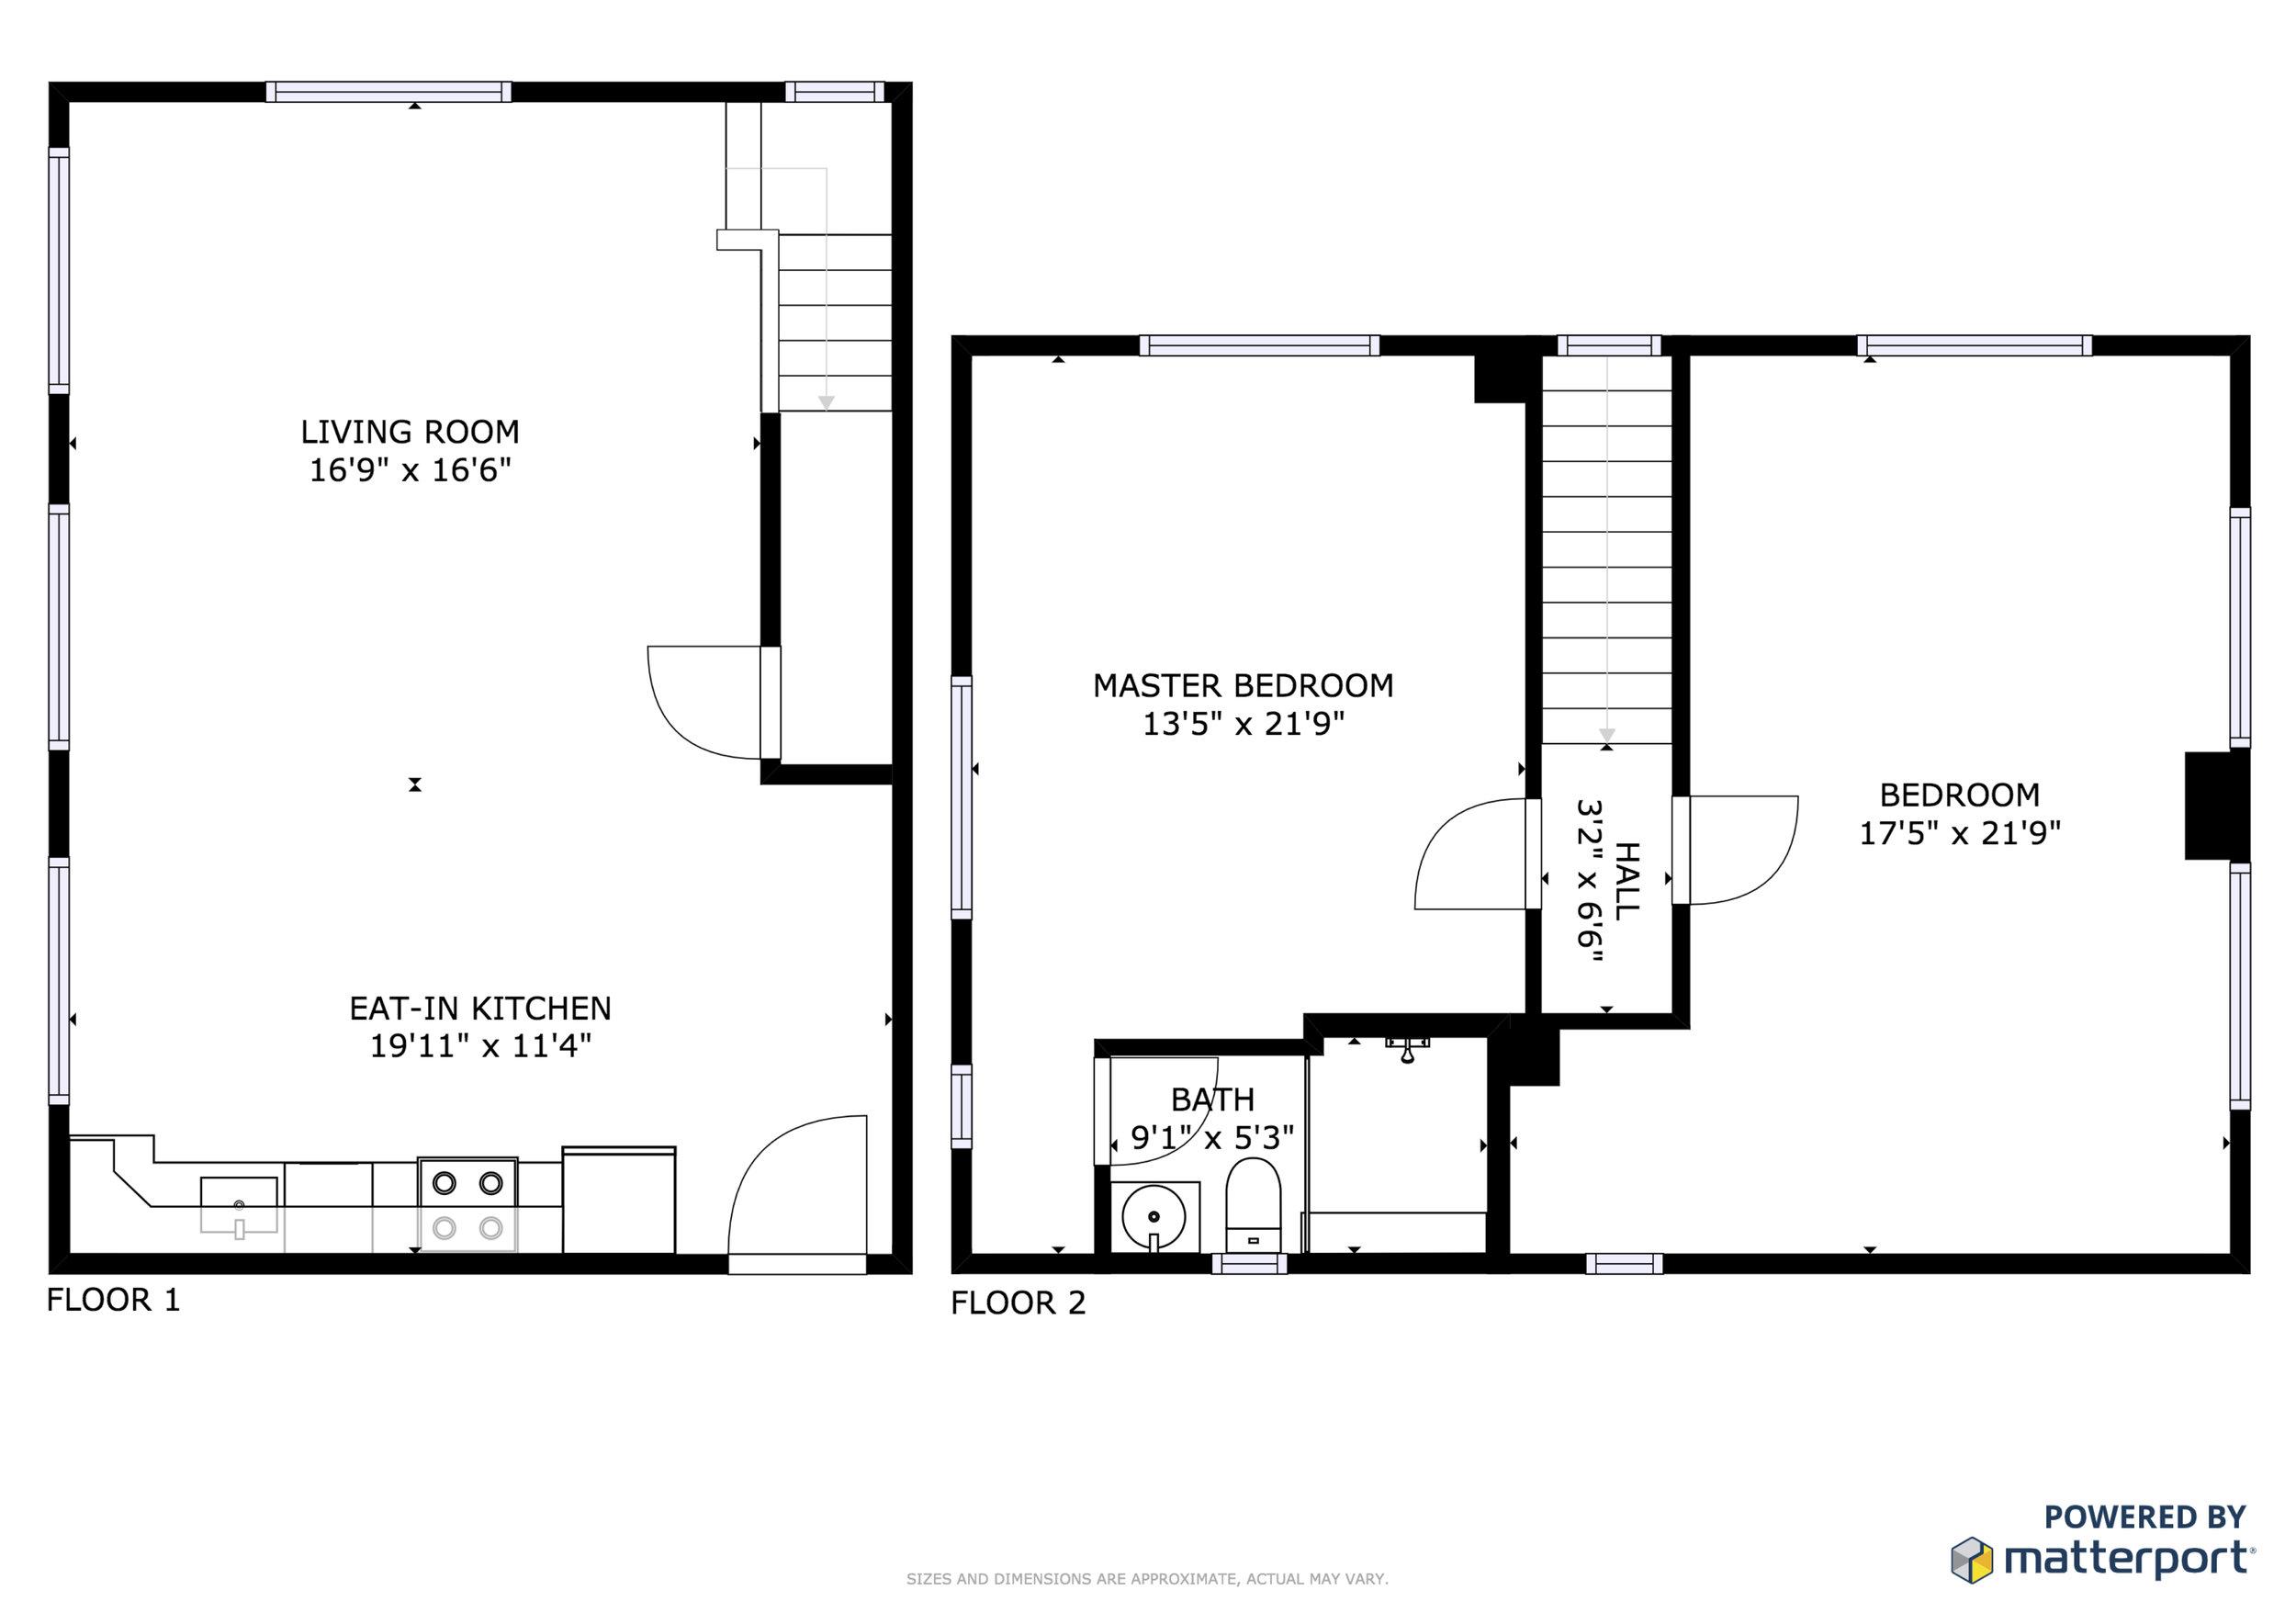 floor plan rear unit.jpg